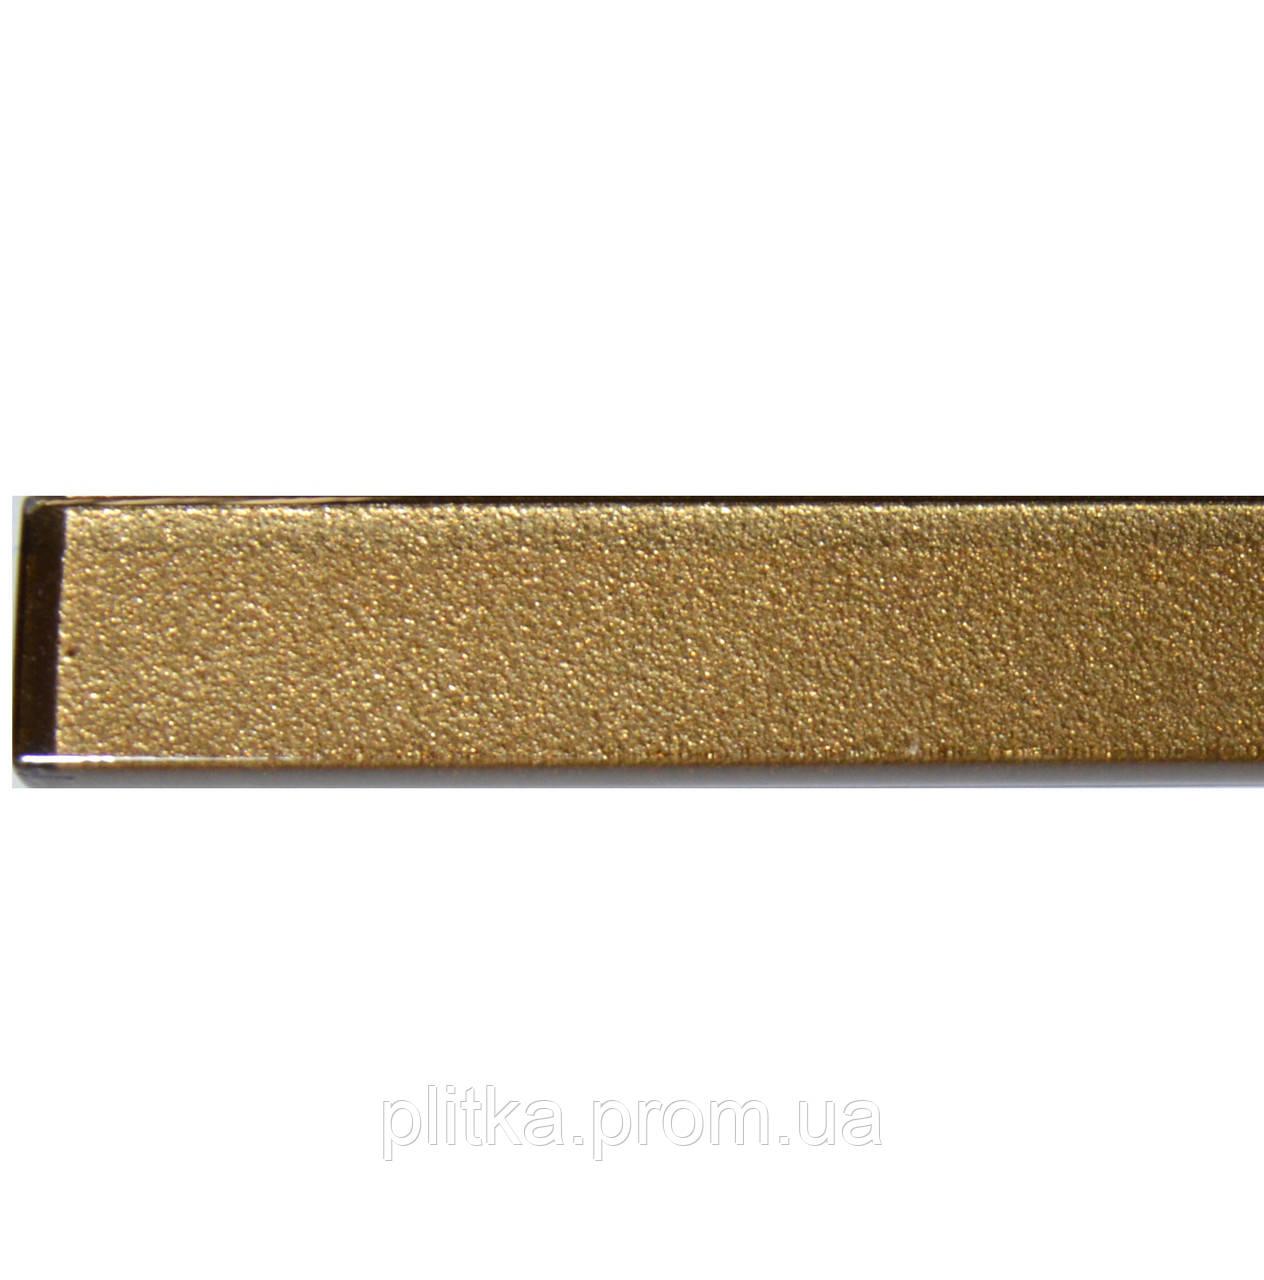 Фриз стеклянный GF 6007 brown silver 25х600